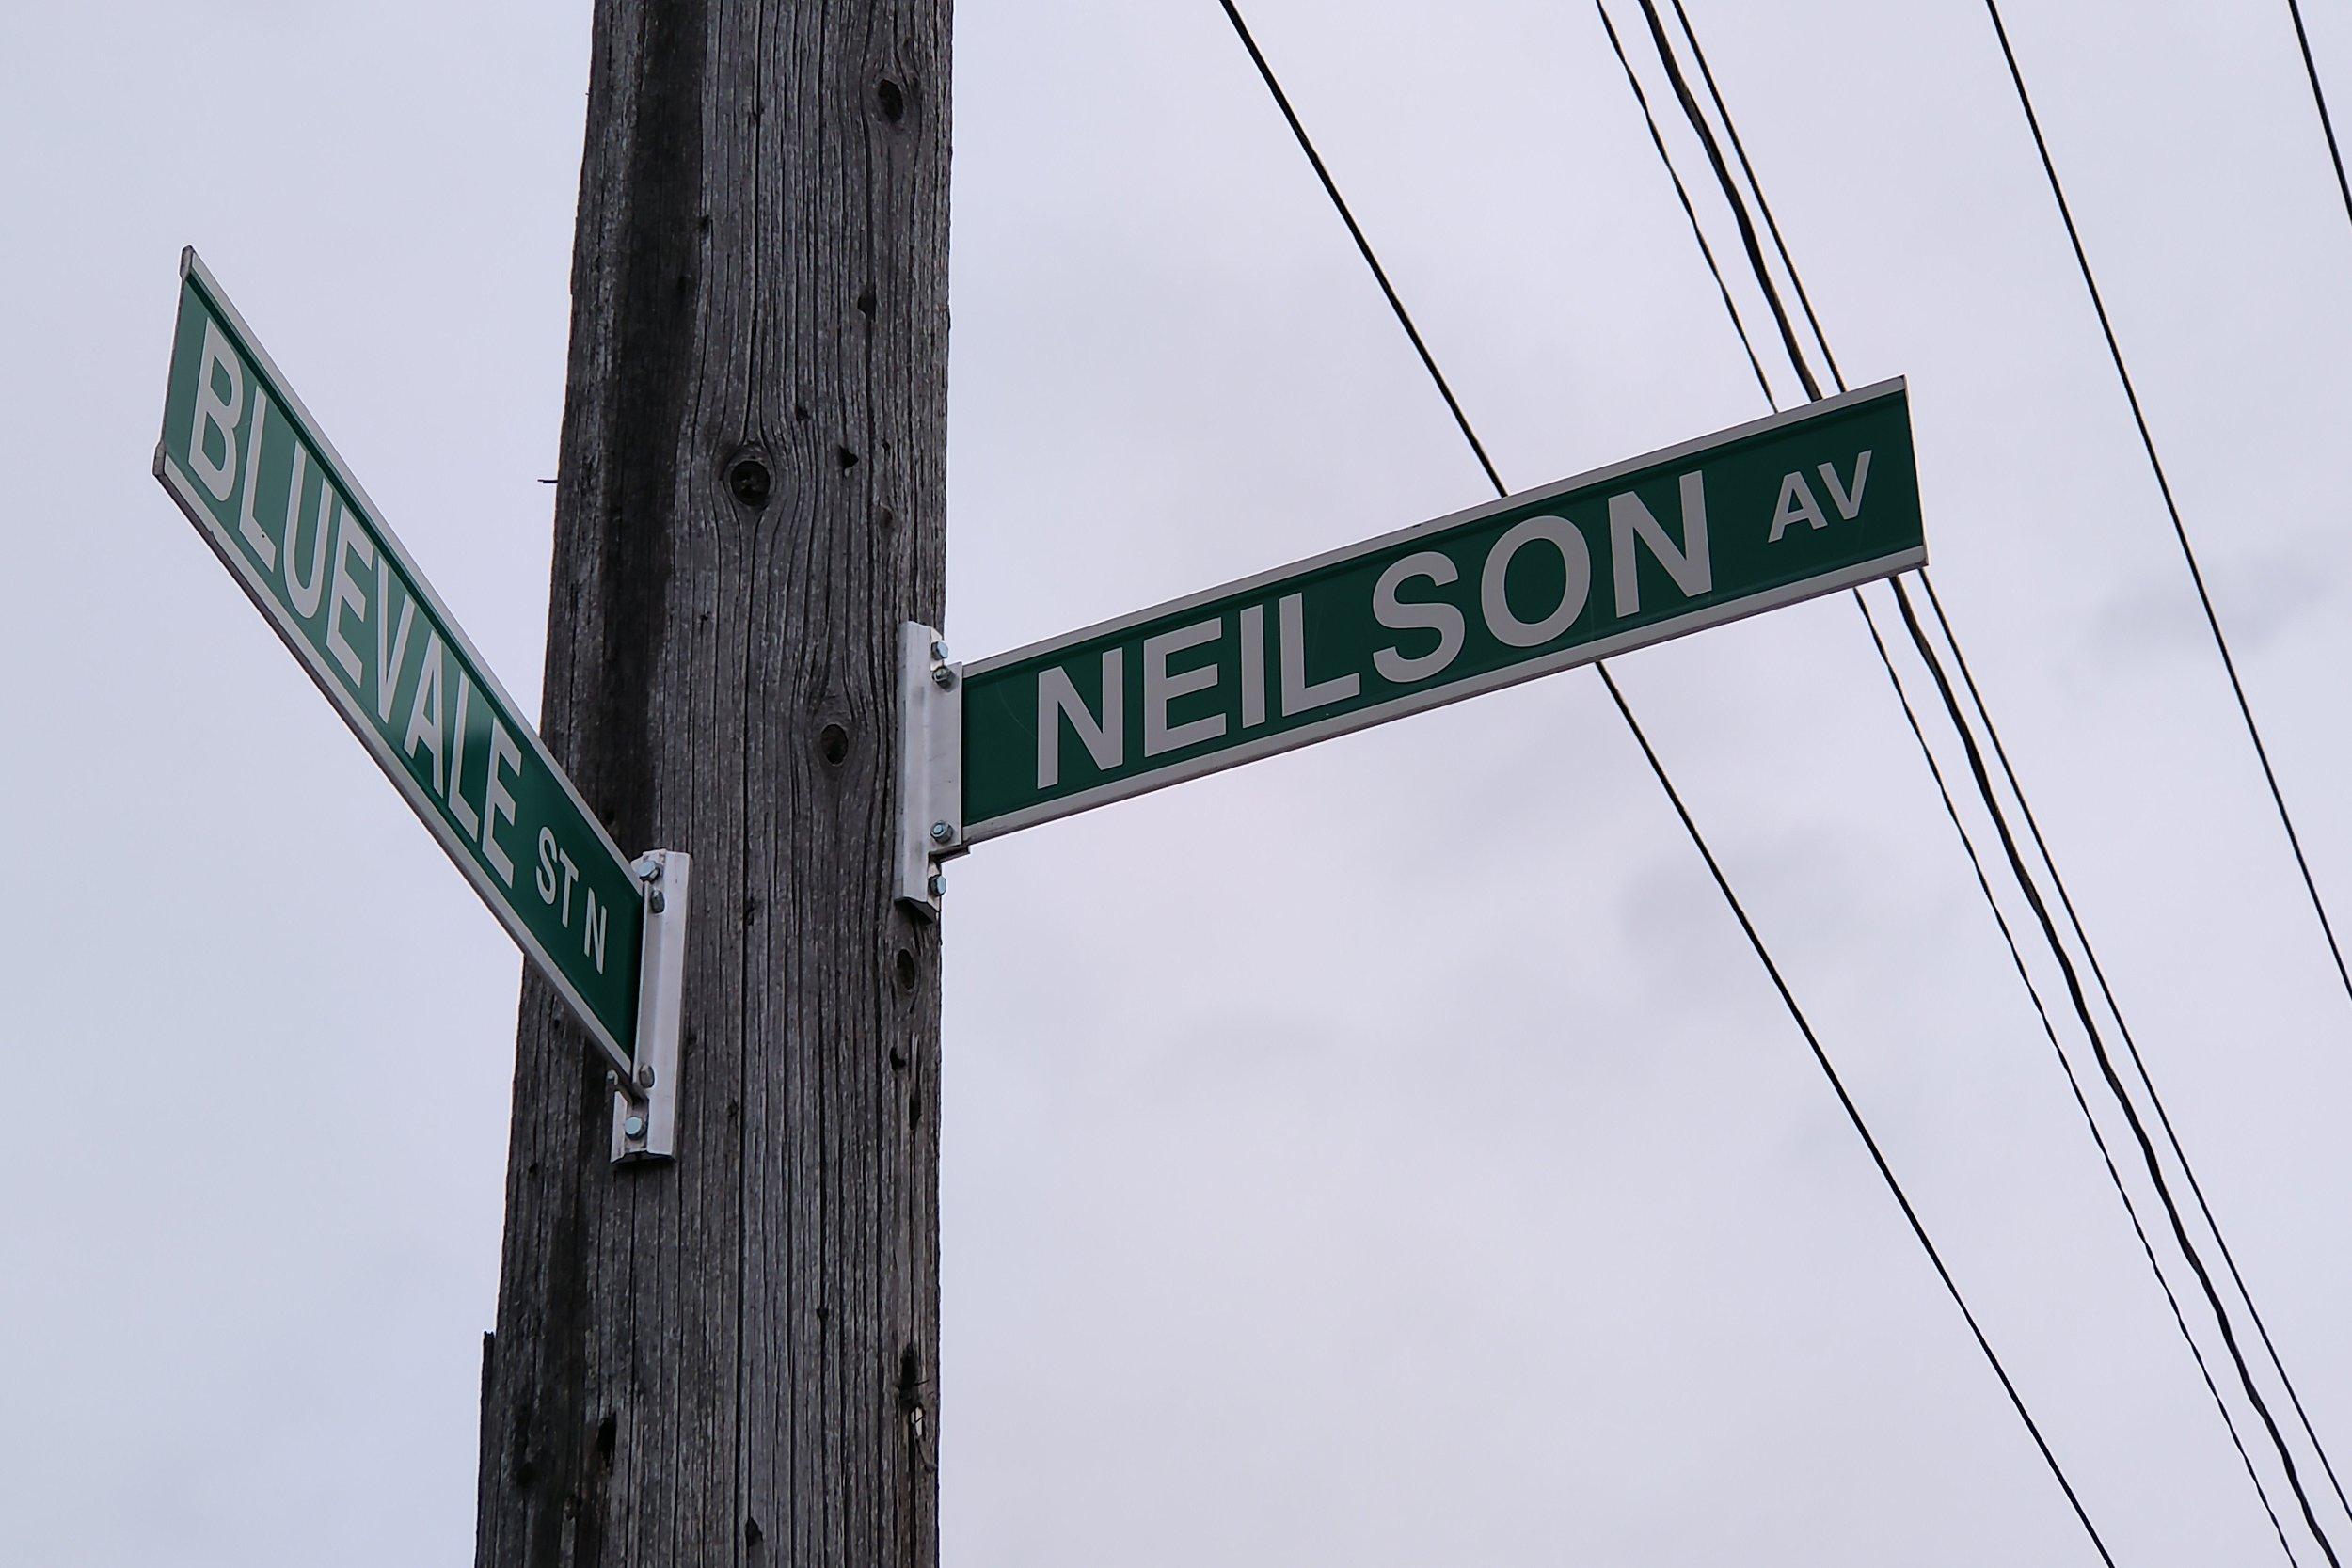 Neilson.jpg